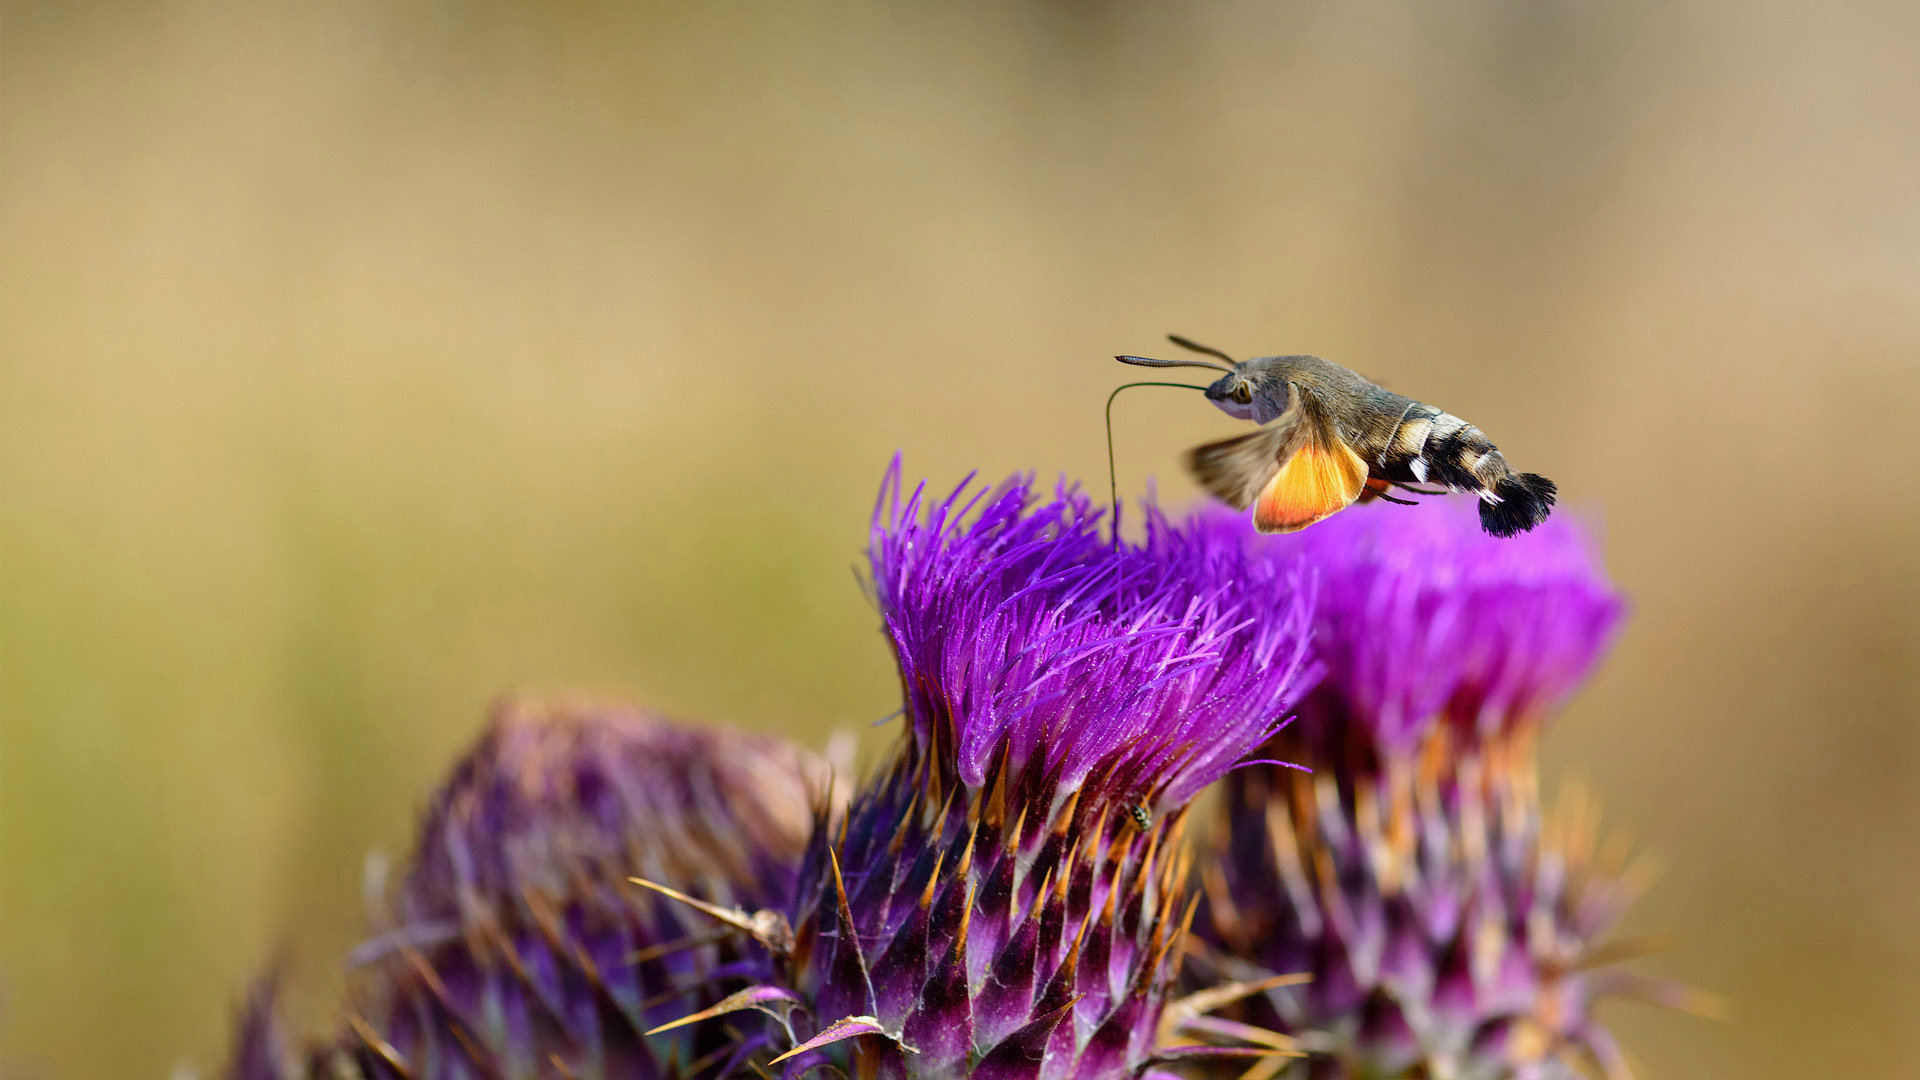 一只正在吸食花蜜的蜂鸟鹰蛾